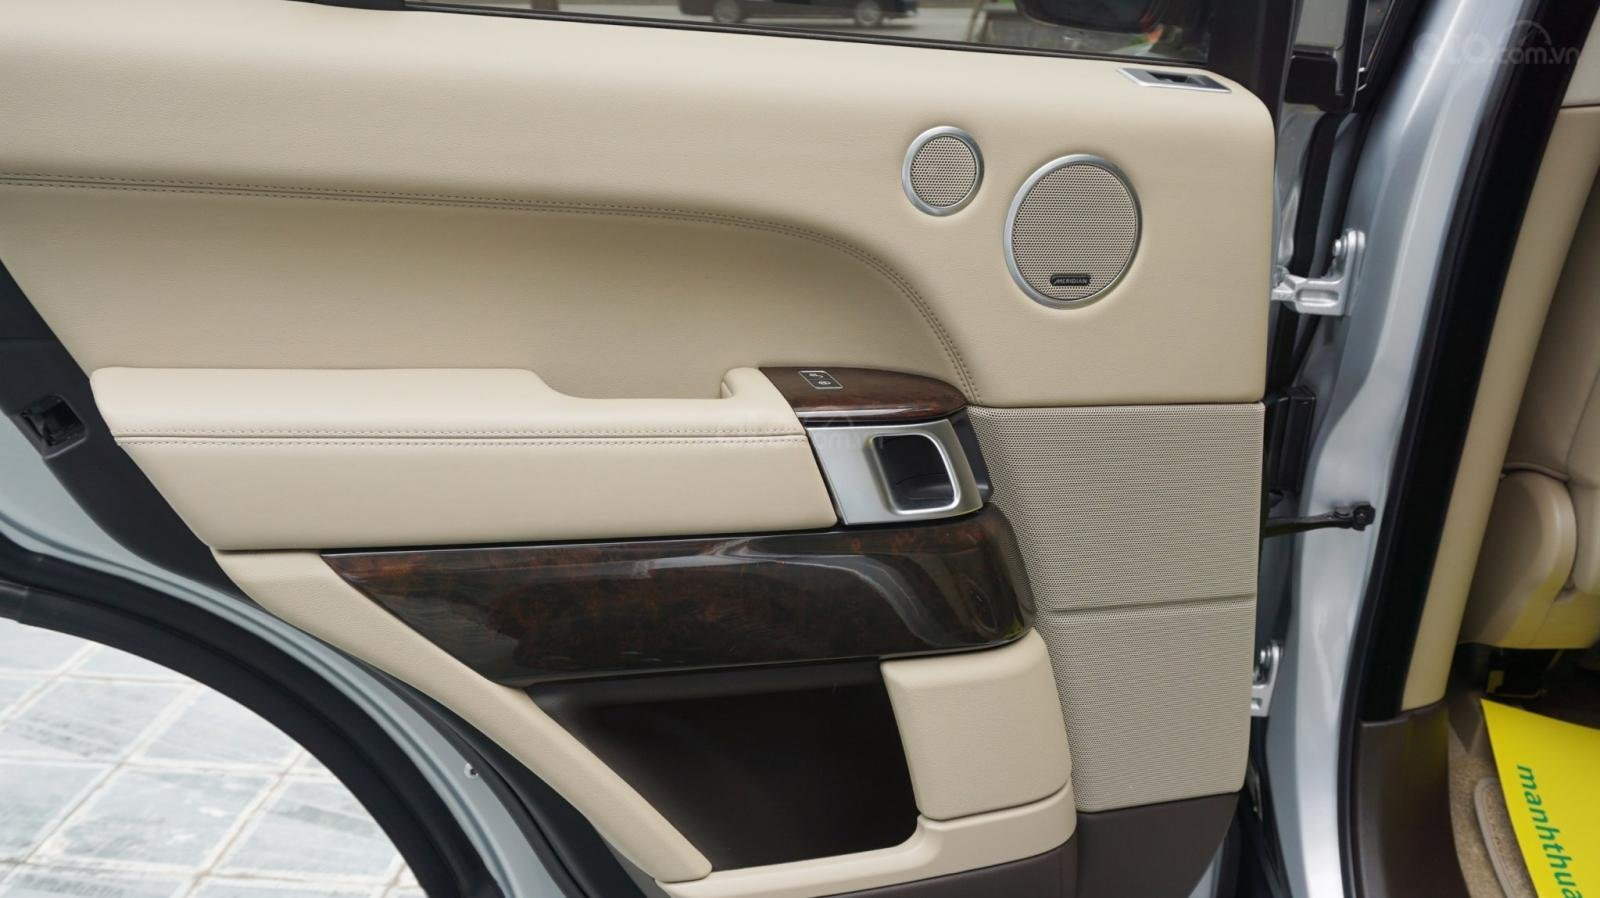 Bán LandRover Range Rover HSE đời 2015, màu bạc, nhập khẩu Mỹ. LH 0982.84.2838-14